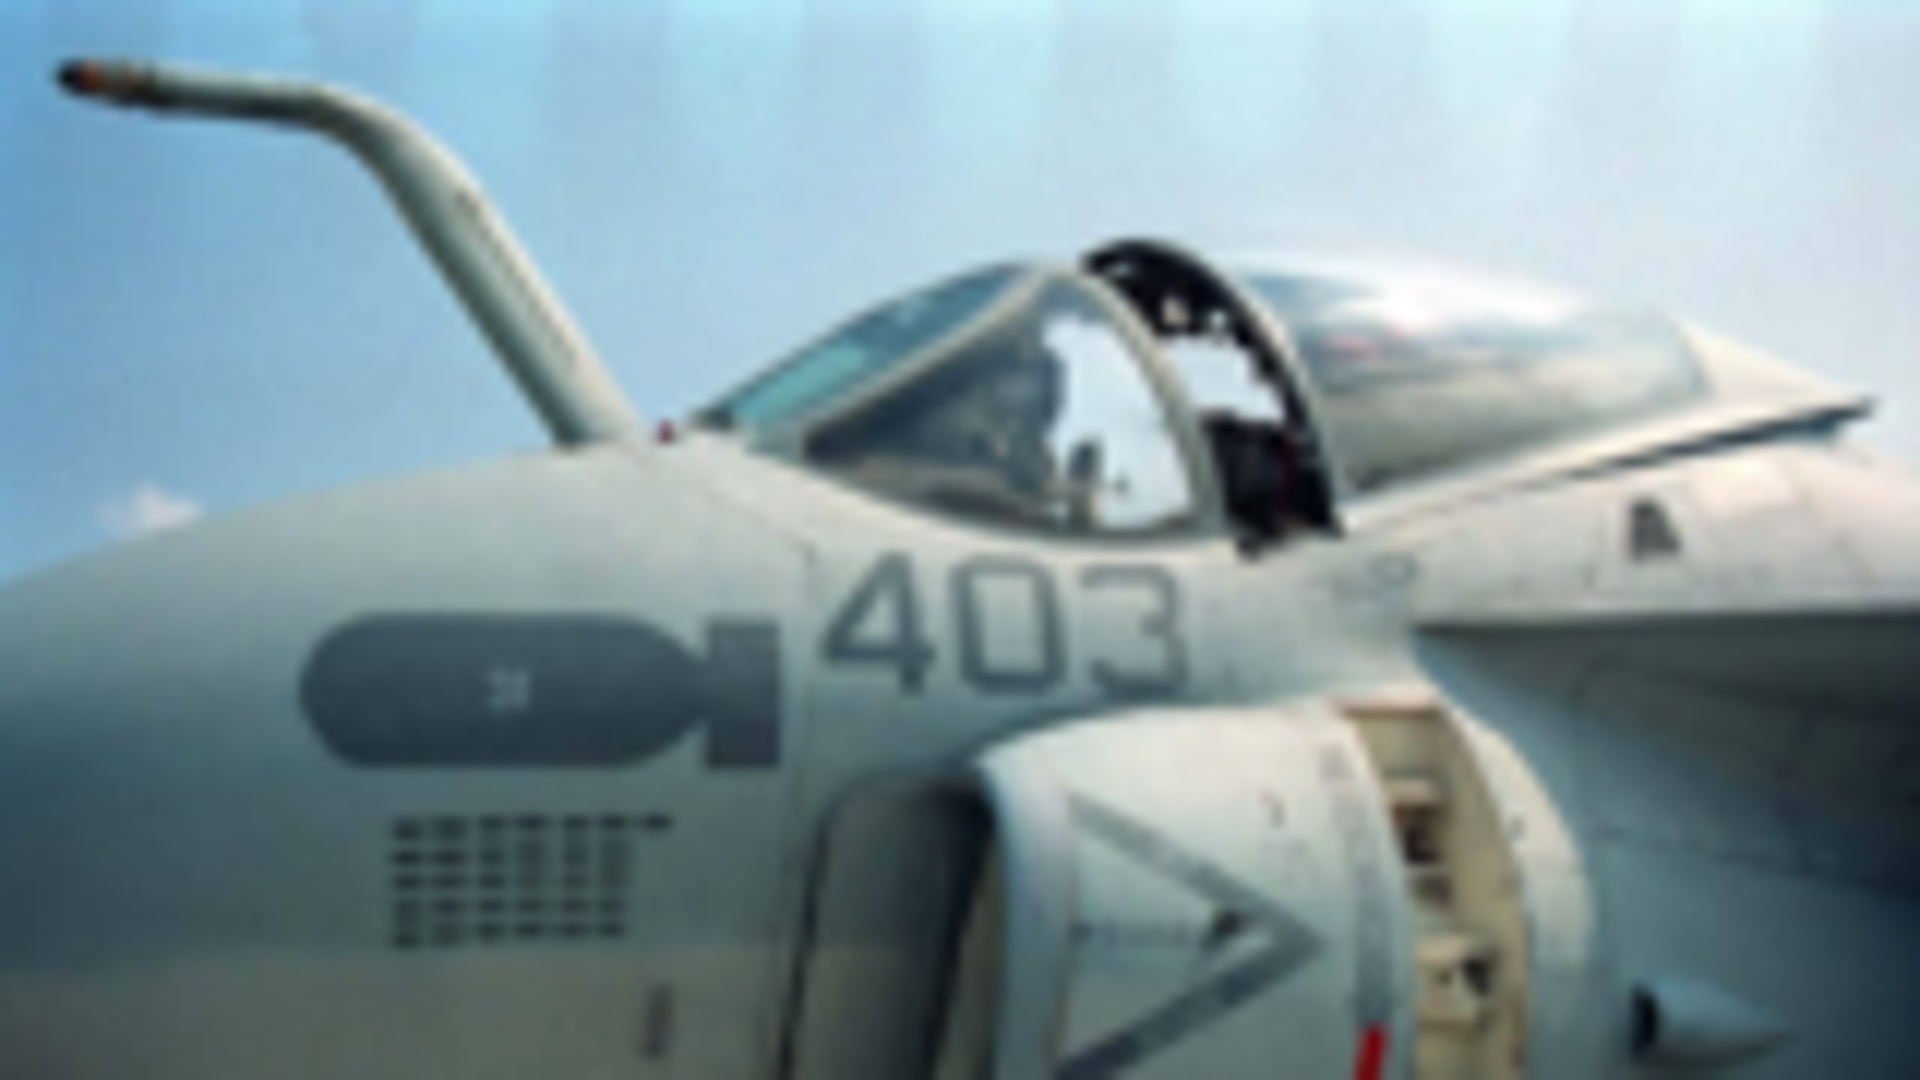 【讲堂510期】绰号袖珍B52的A-6舰载攻击机,为何能让最顶尖的三代机都瑟瑟发抖